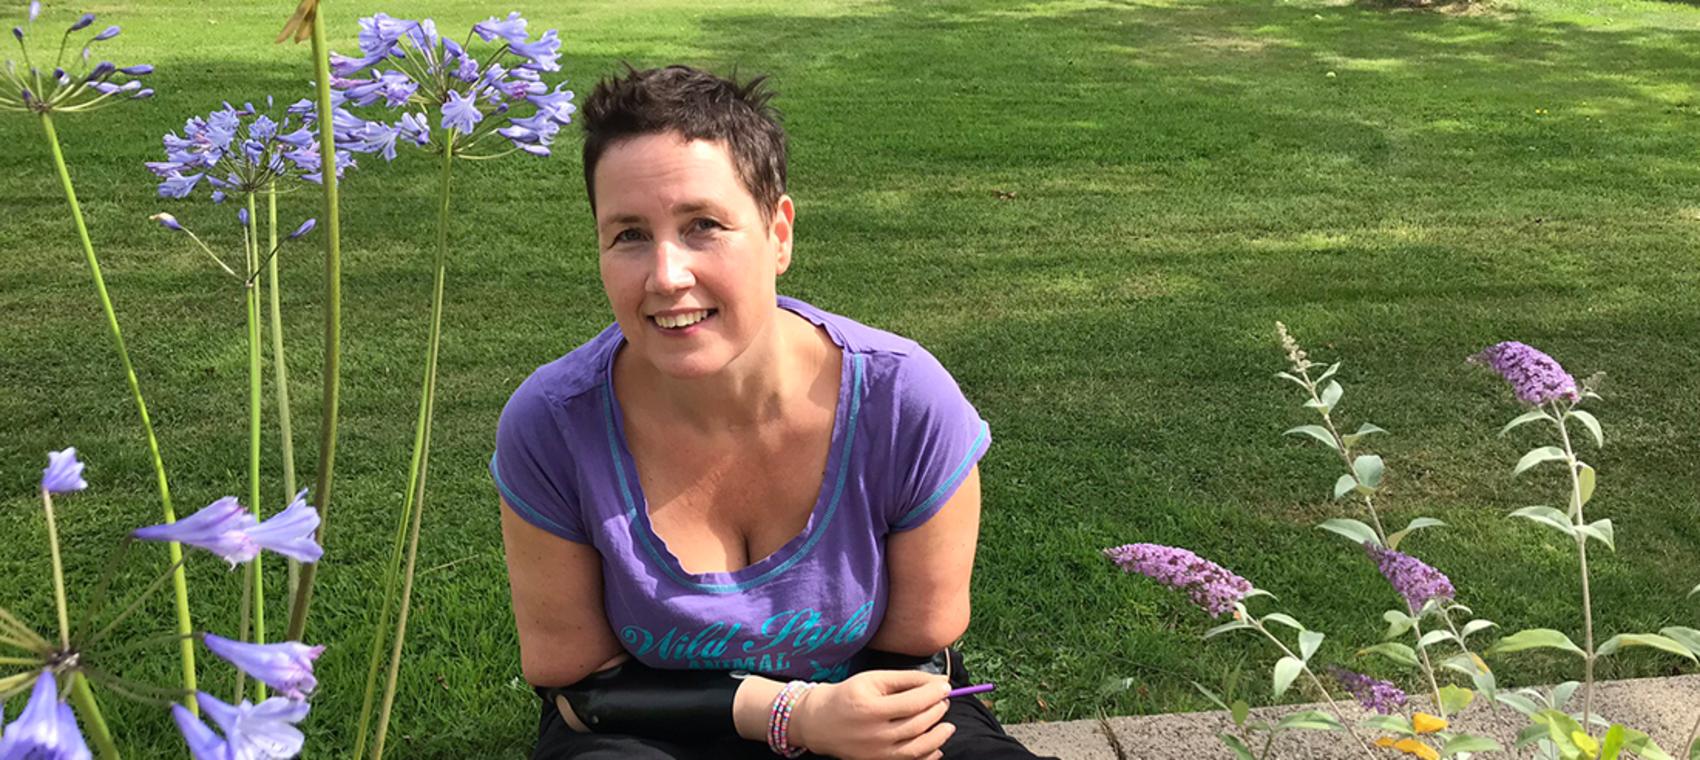 Kvinne med proteser på begge armene sitter ved en grønn plen.